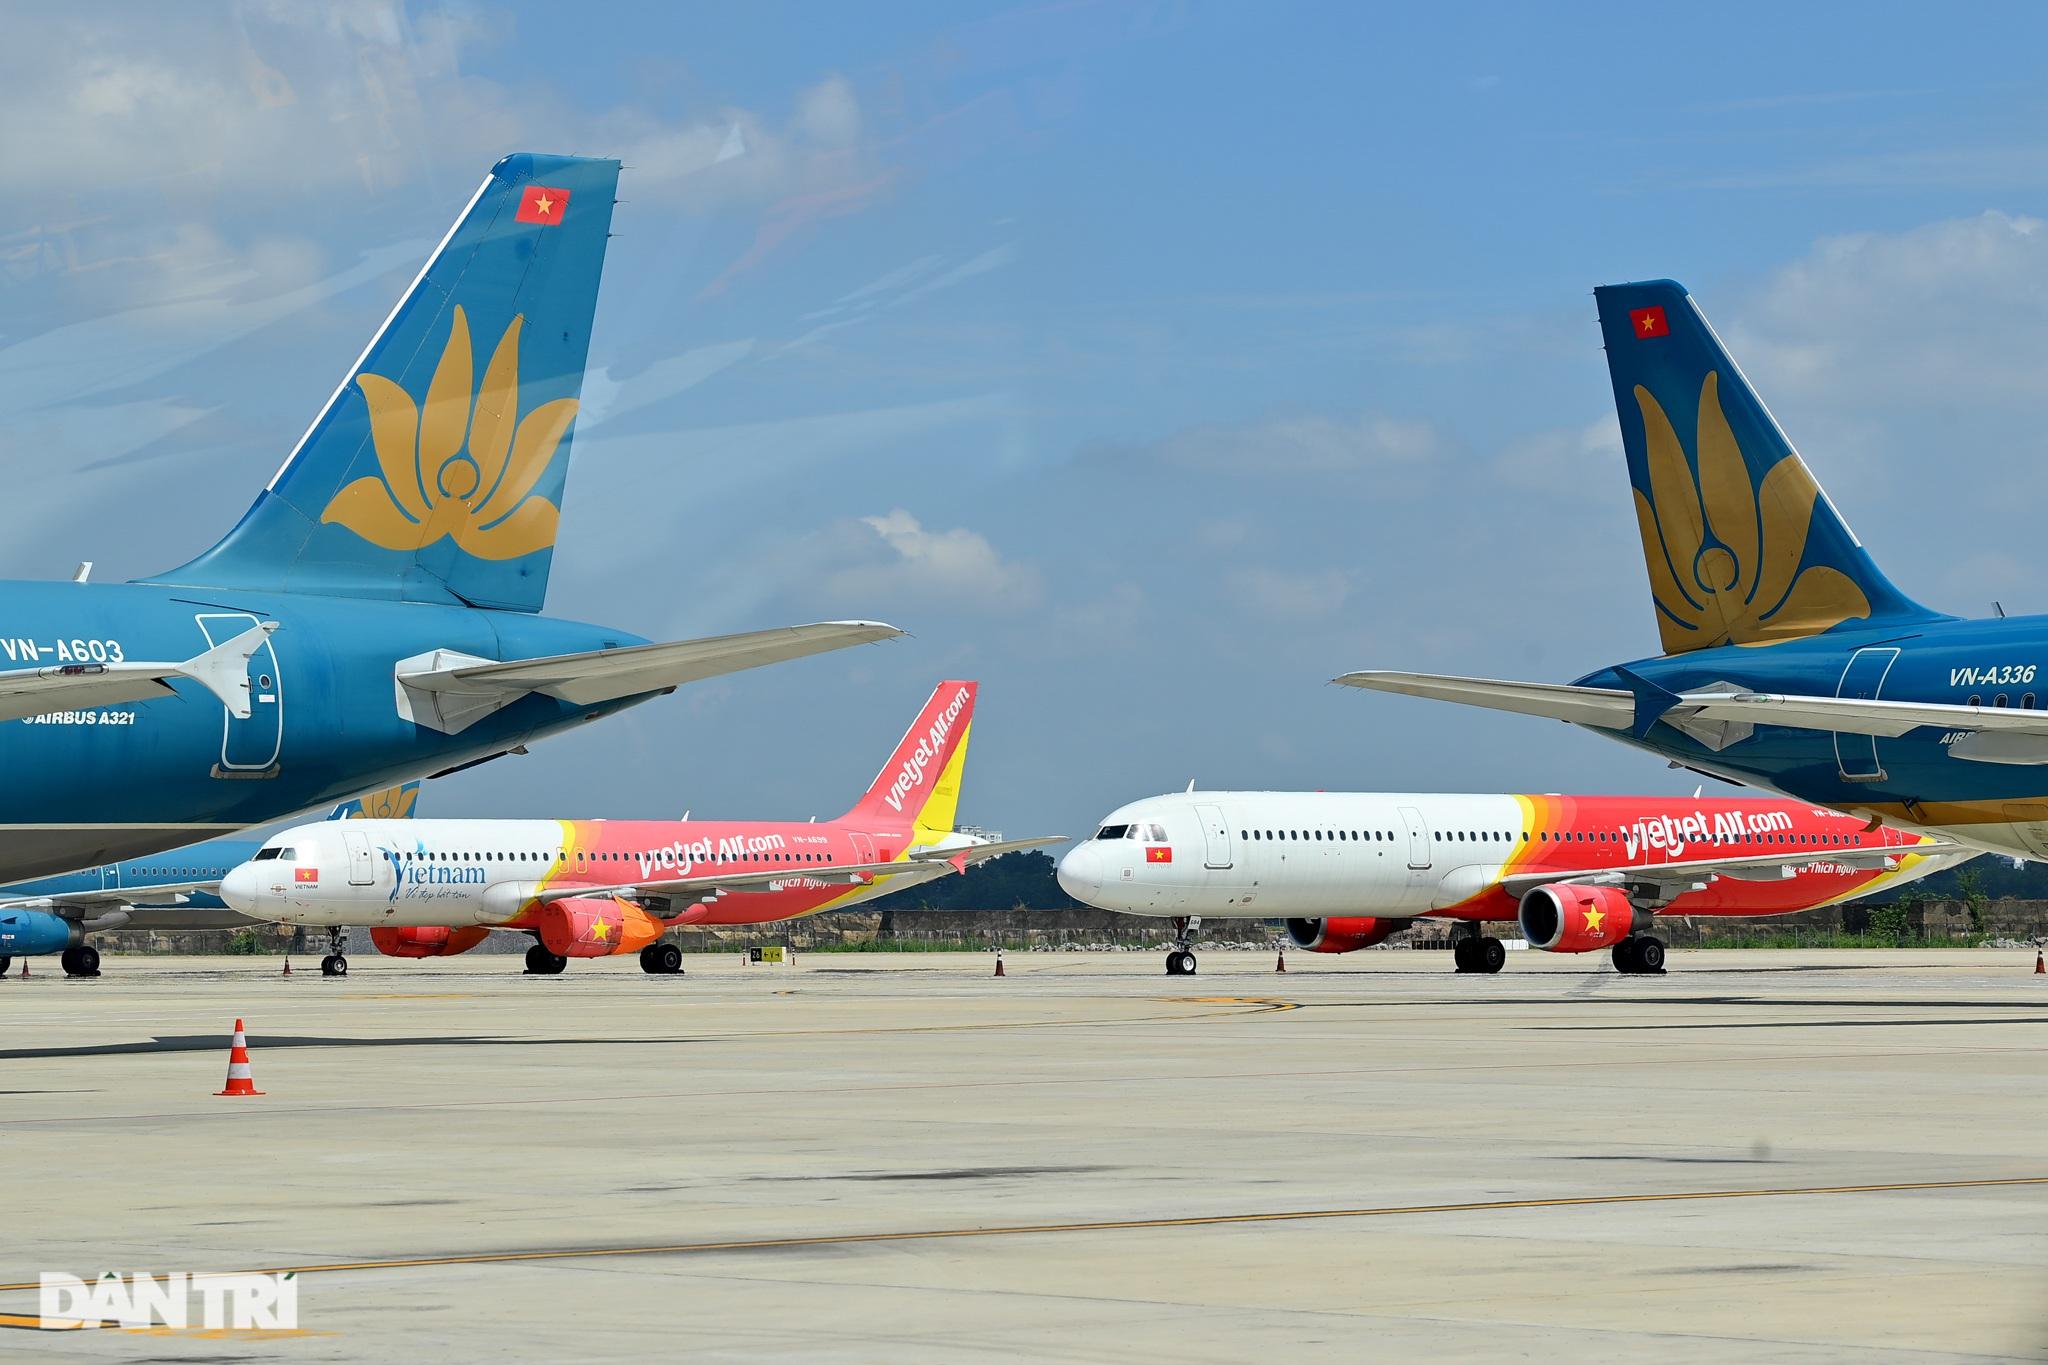 Ám ảnh hàng trăm tàu bay đắp chiếu nằm la liệt tại Nội Bài, Tân Sơn Nhất - 14